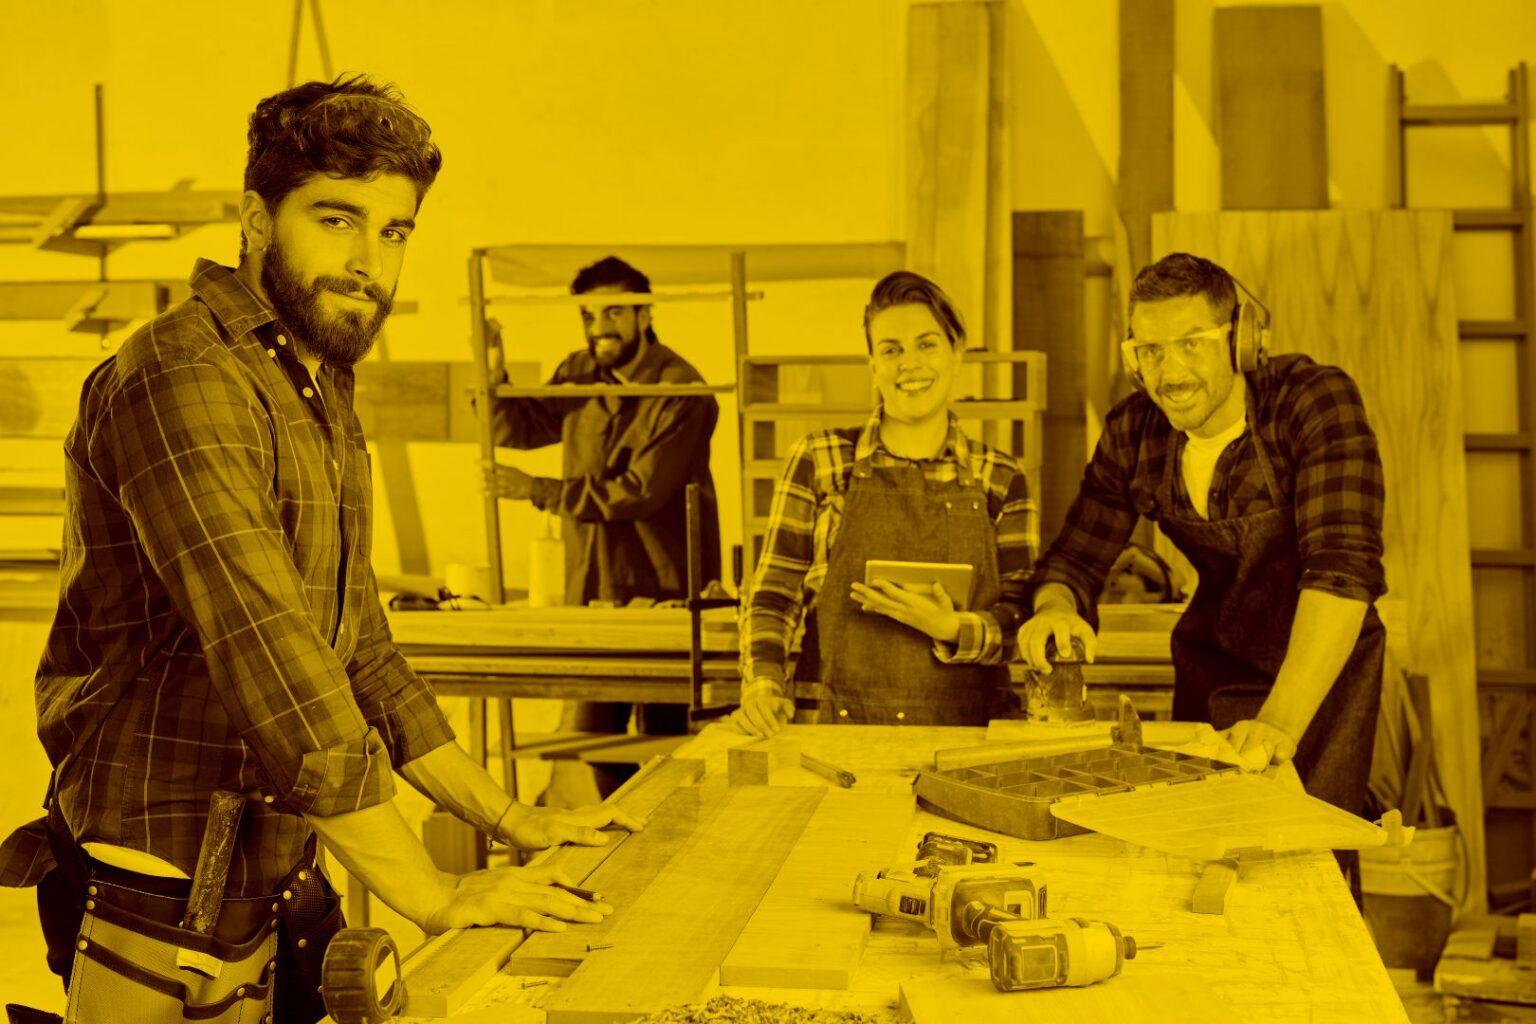 Handwerker und Handwerkerinnen in der Werkstatt